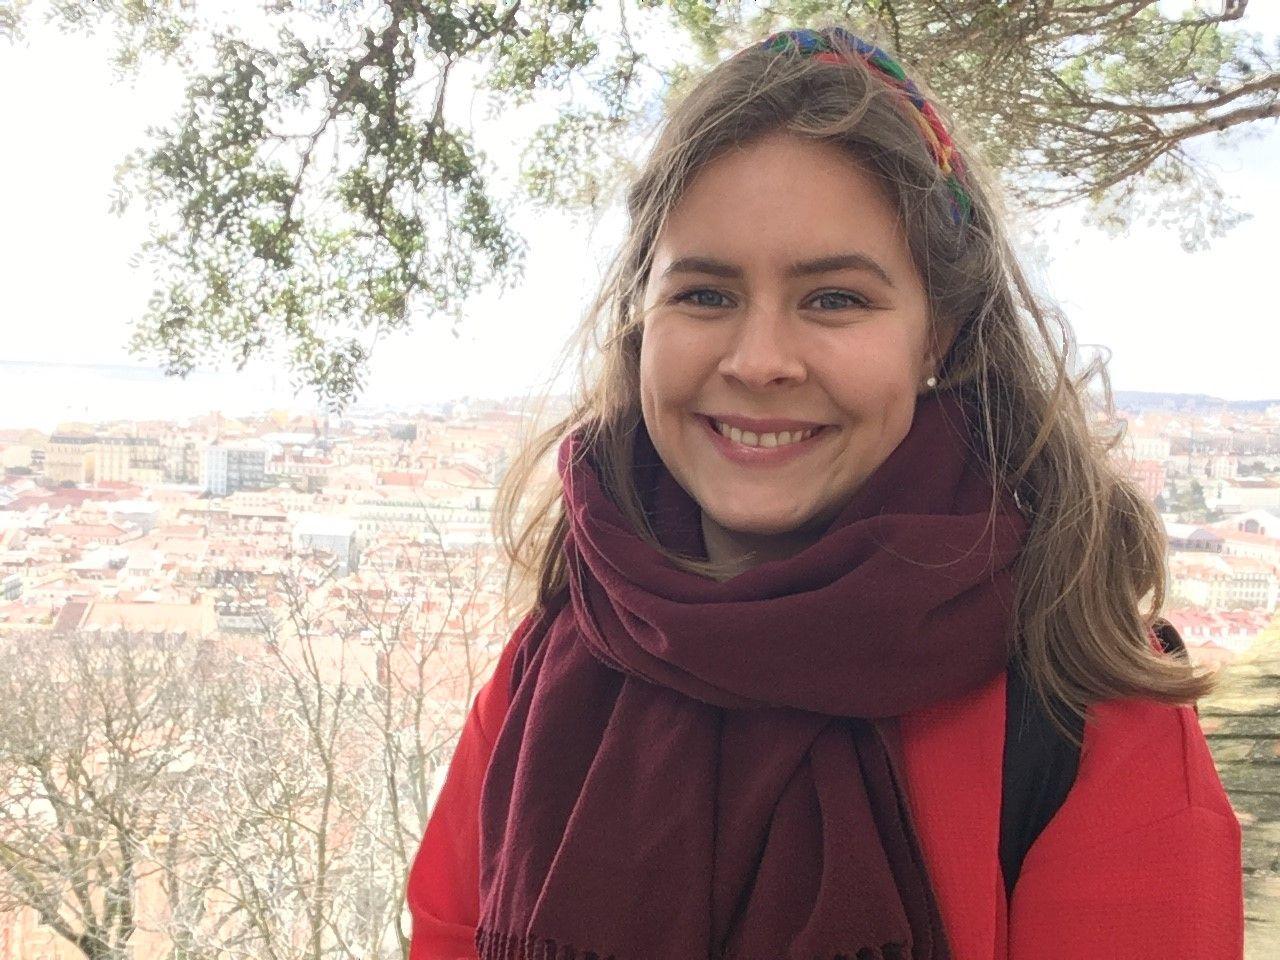 NEI TIL LOVENDRING: Abort er sterkt knyttet til ideologi, så motivet for å endre loven nå er higen etter makt, skriver Stina Hellesund, som er psykologistudent og programleder i «Kvinneguiden» på Studentradioen i Bergen.